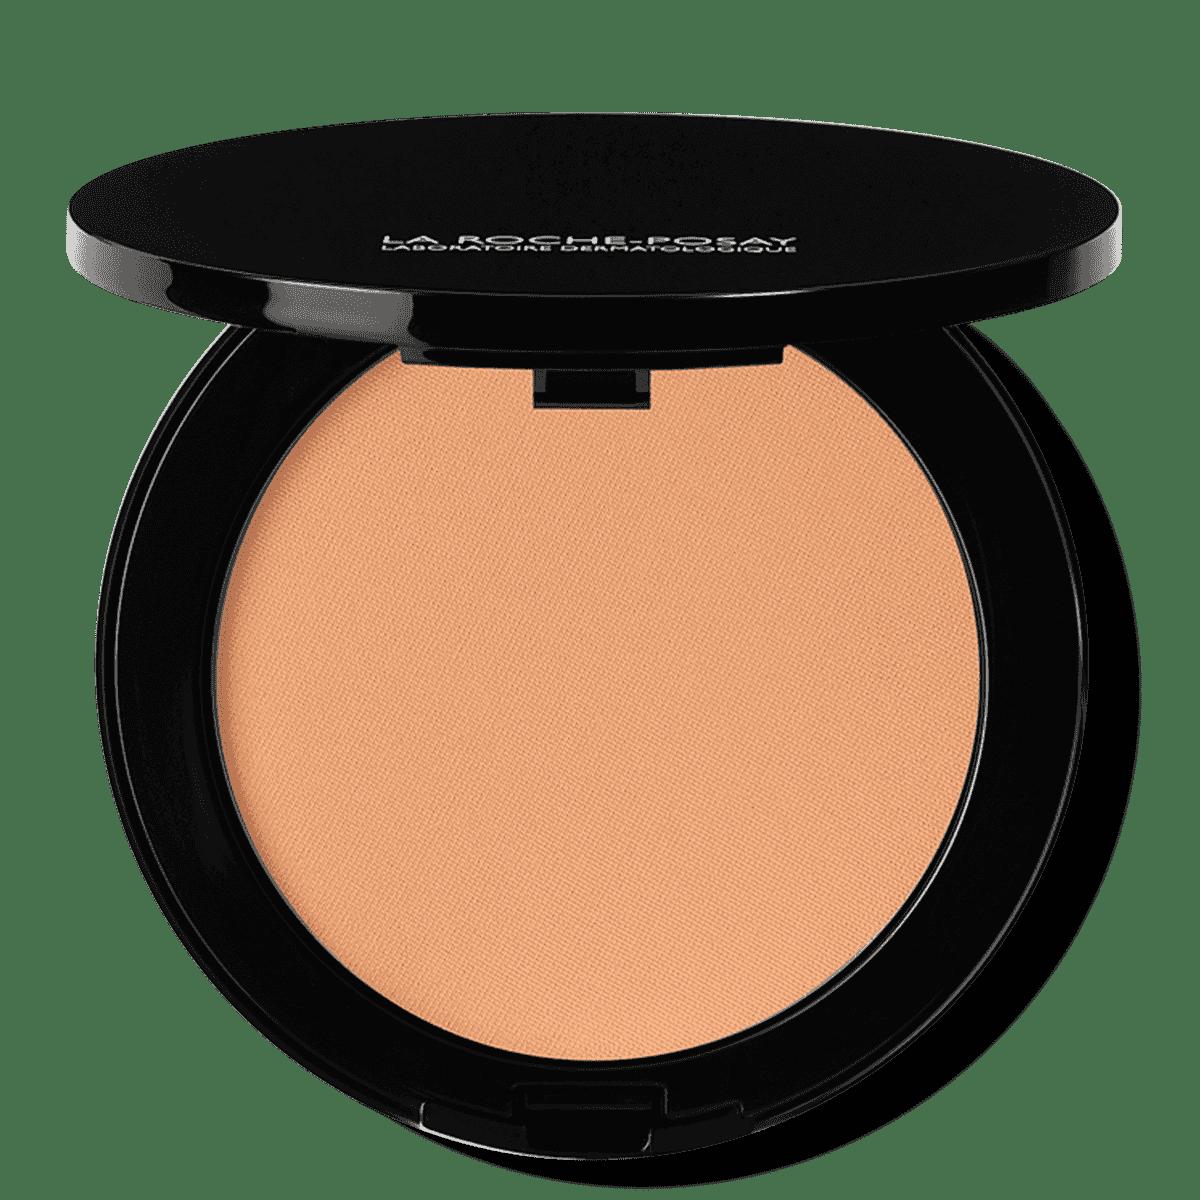 La Roche Posay Sensitive Toleriane Make up COMPACT POWDER 14RoseBeige